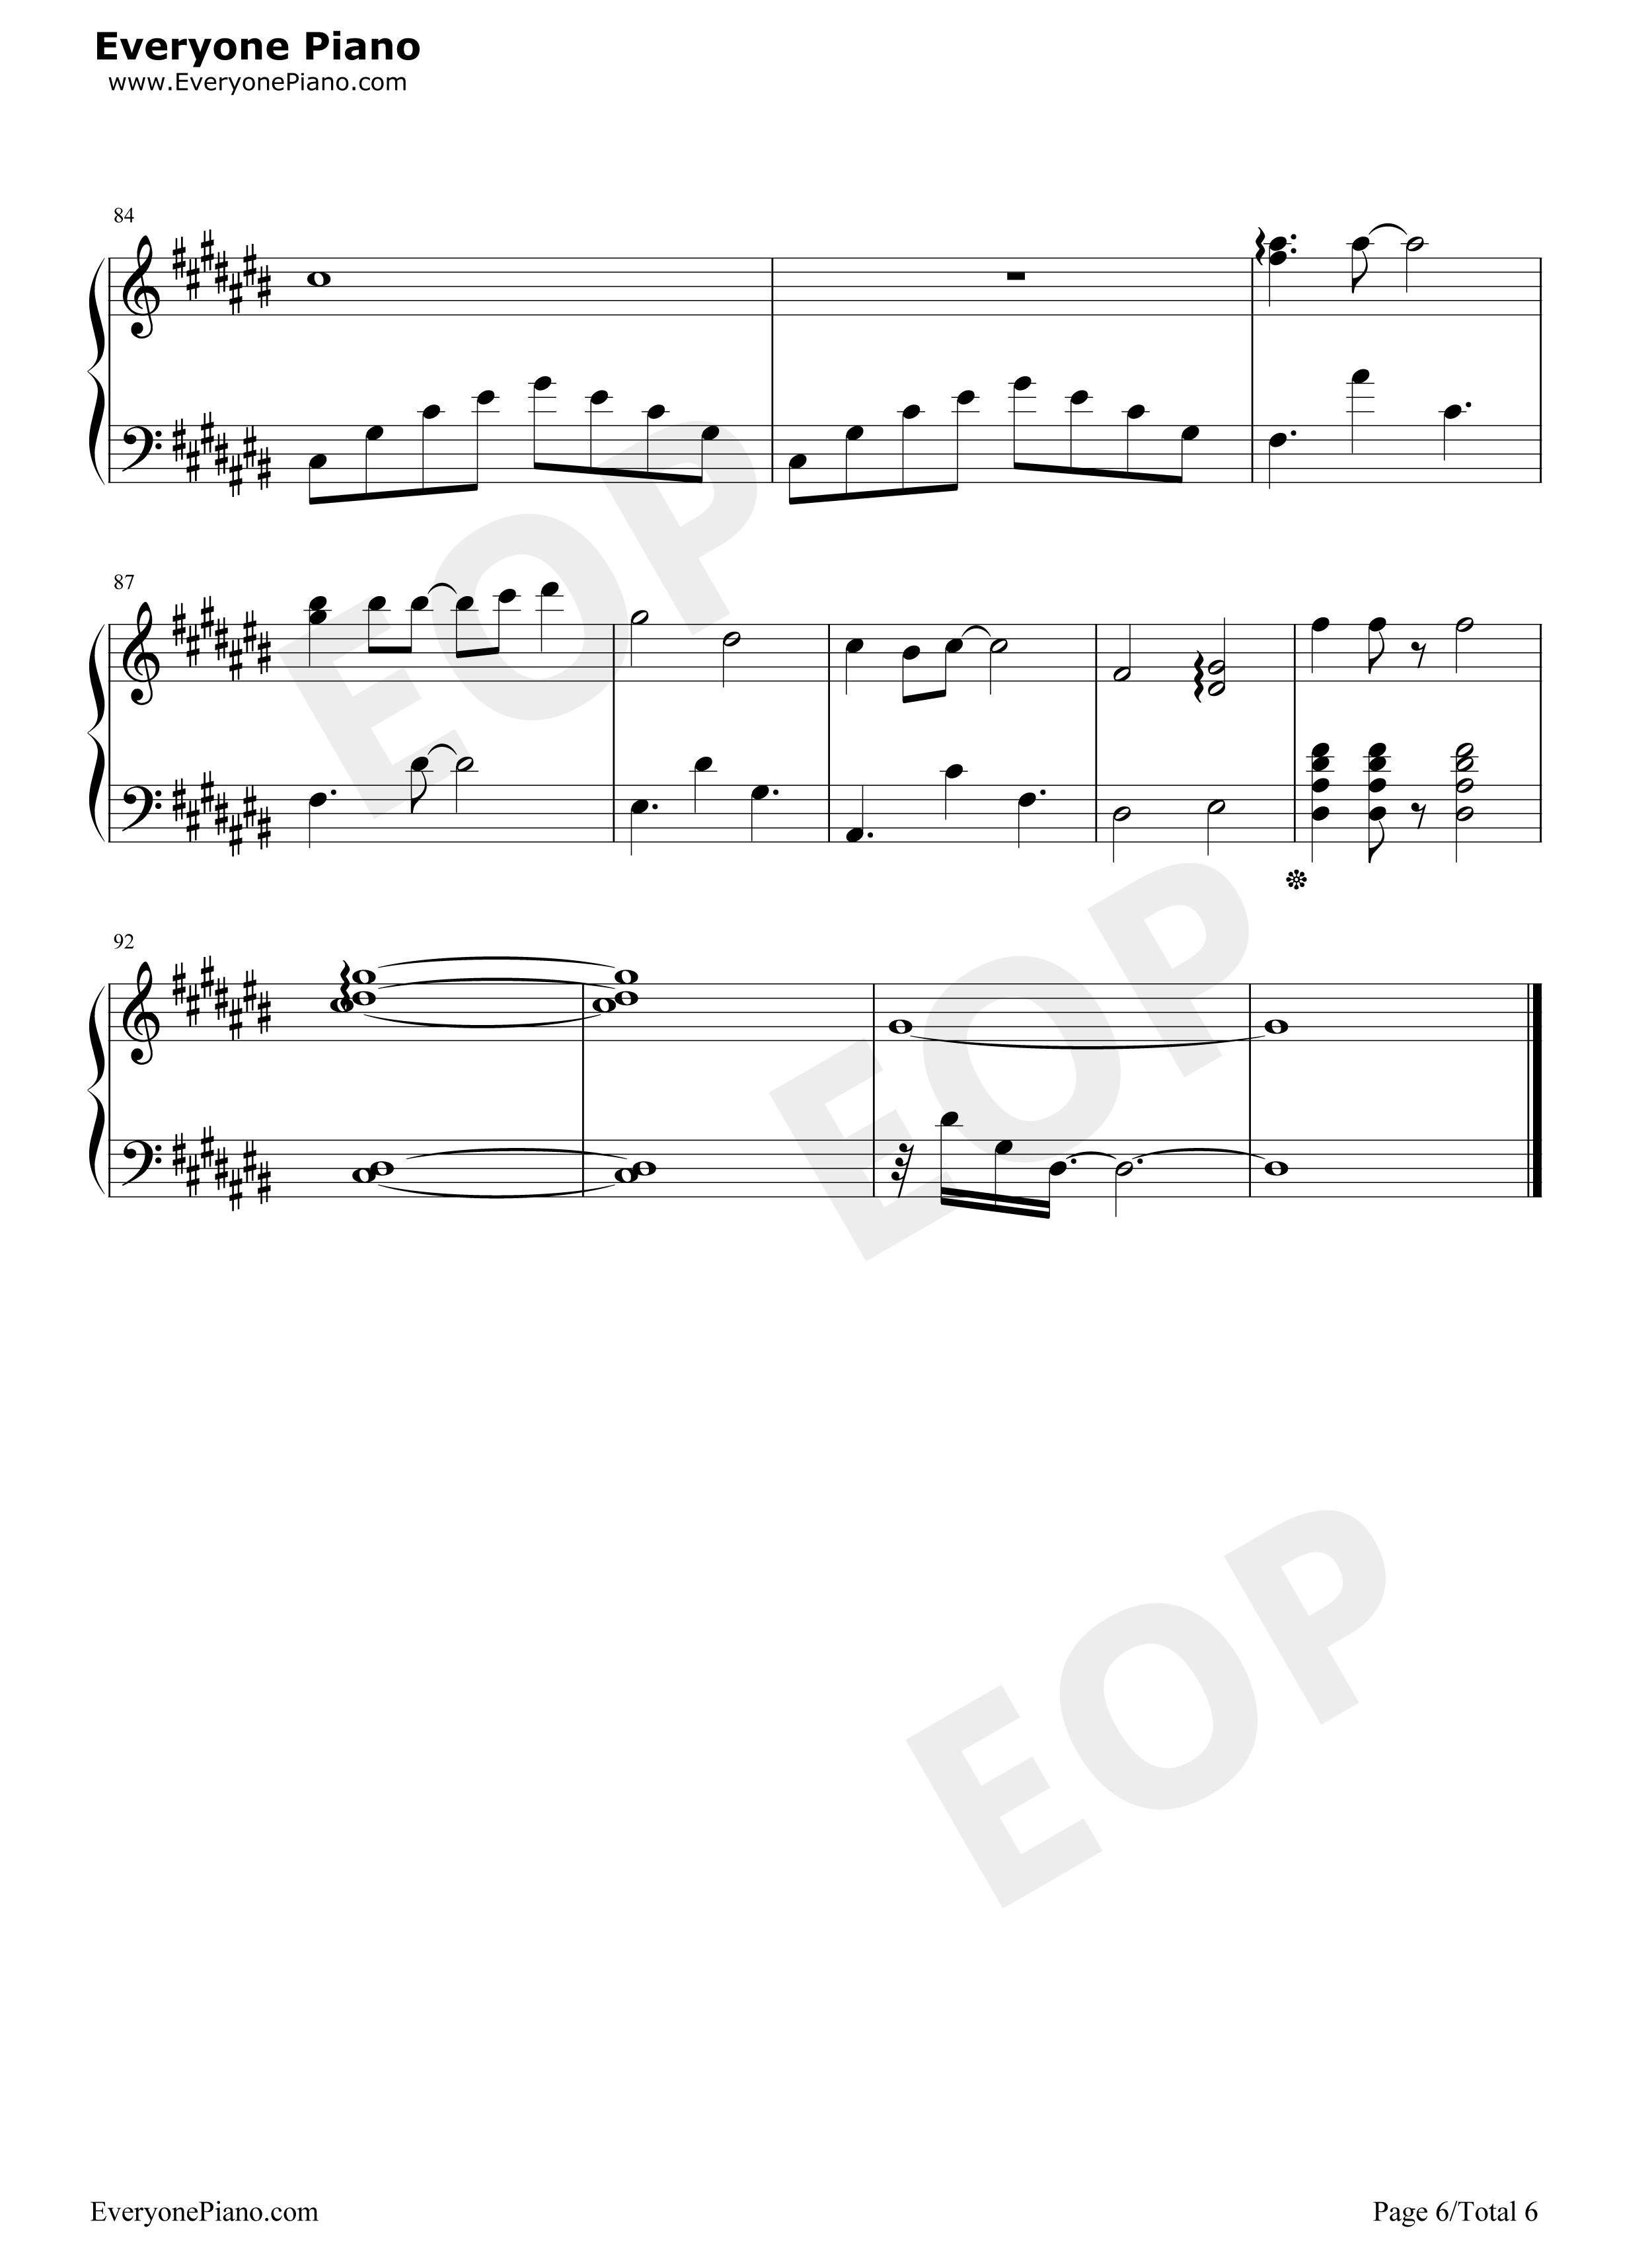 钢琴曲谱 流行 幻听-许嵩梦游计-eop教学曲 幻听-许嵩梦游计-eop教学